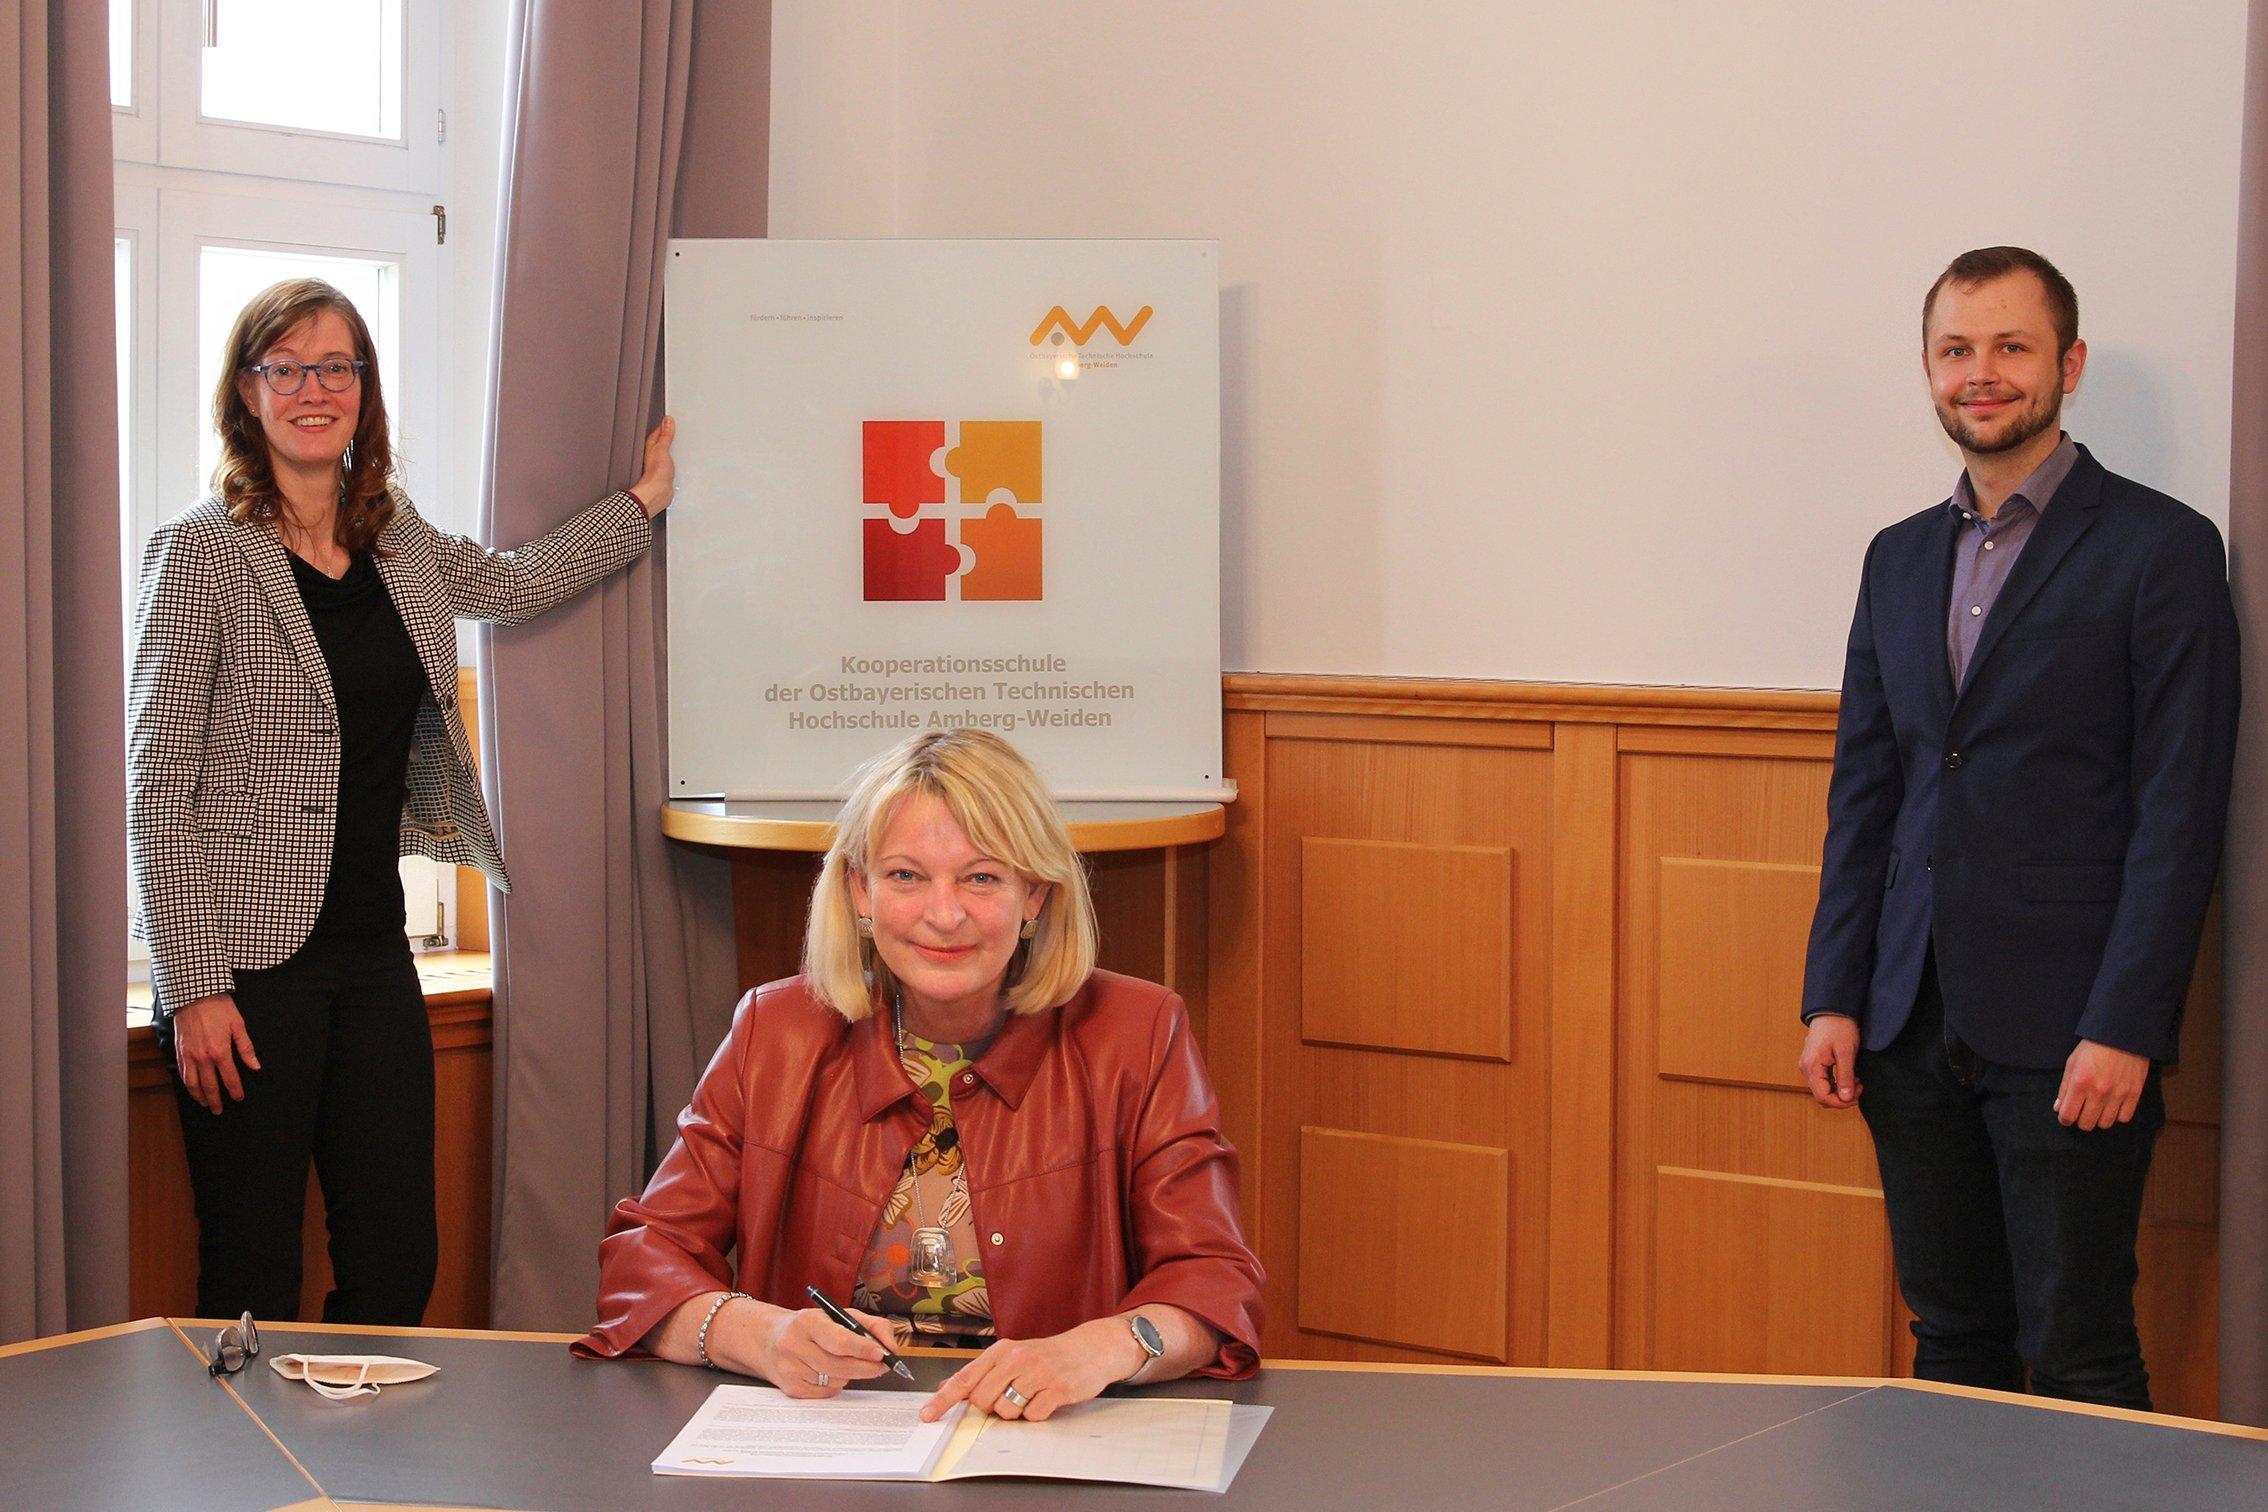 Oth Amberg Weiden Und Berufliche Schulzentren Der Region Schliessen Kooperationsvereinbarungen Wochenblatt Neumarkt